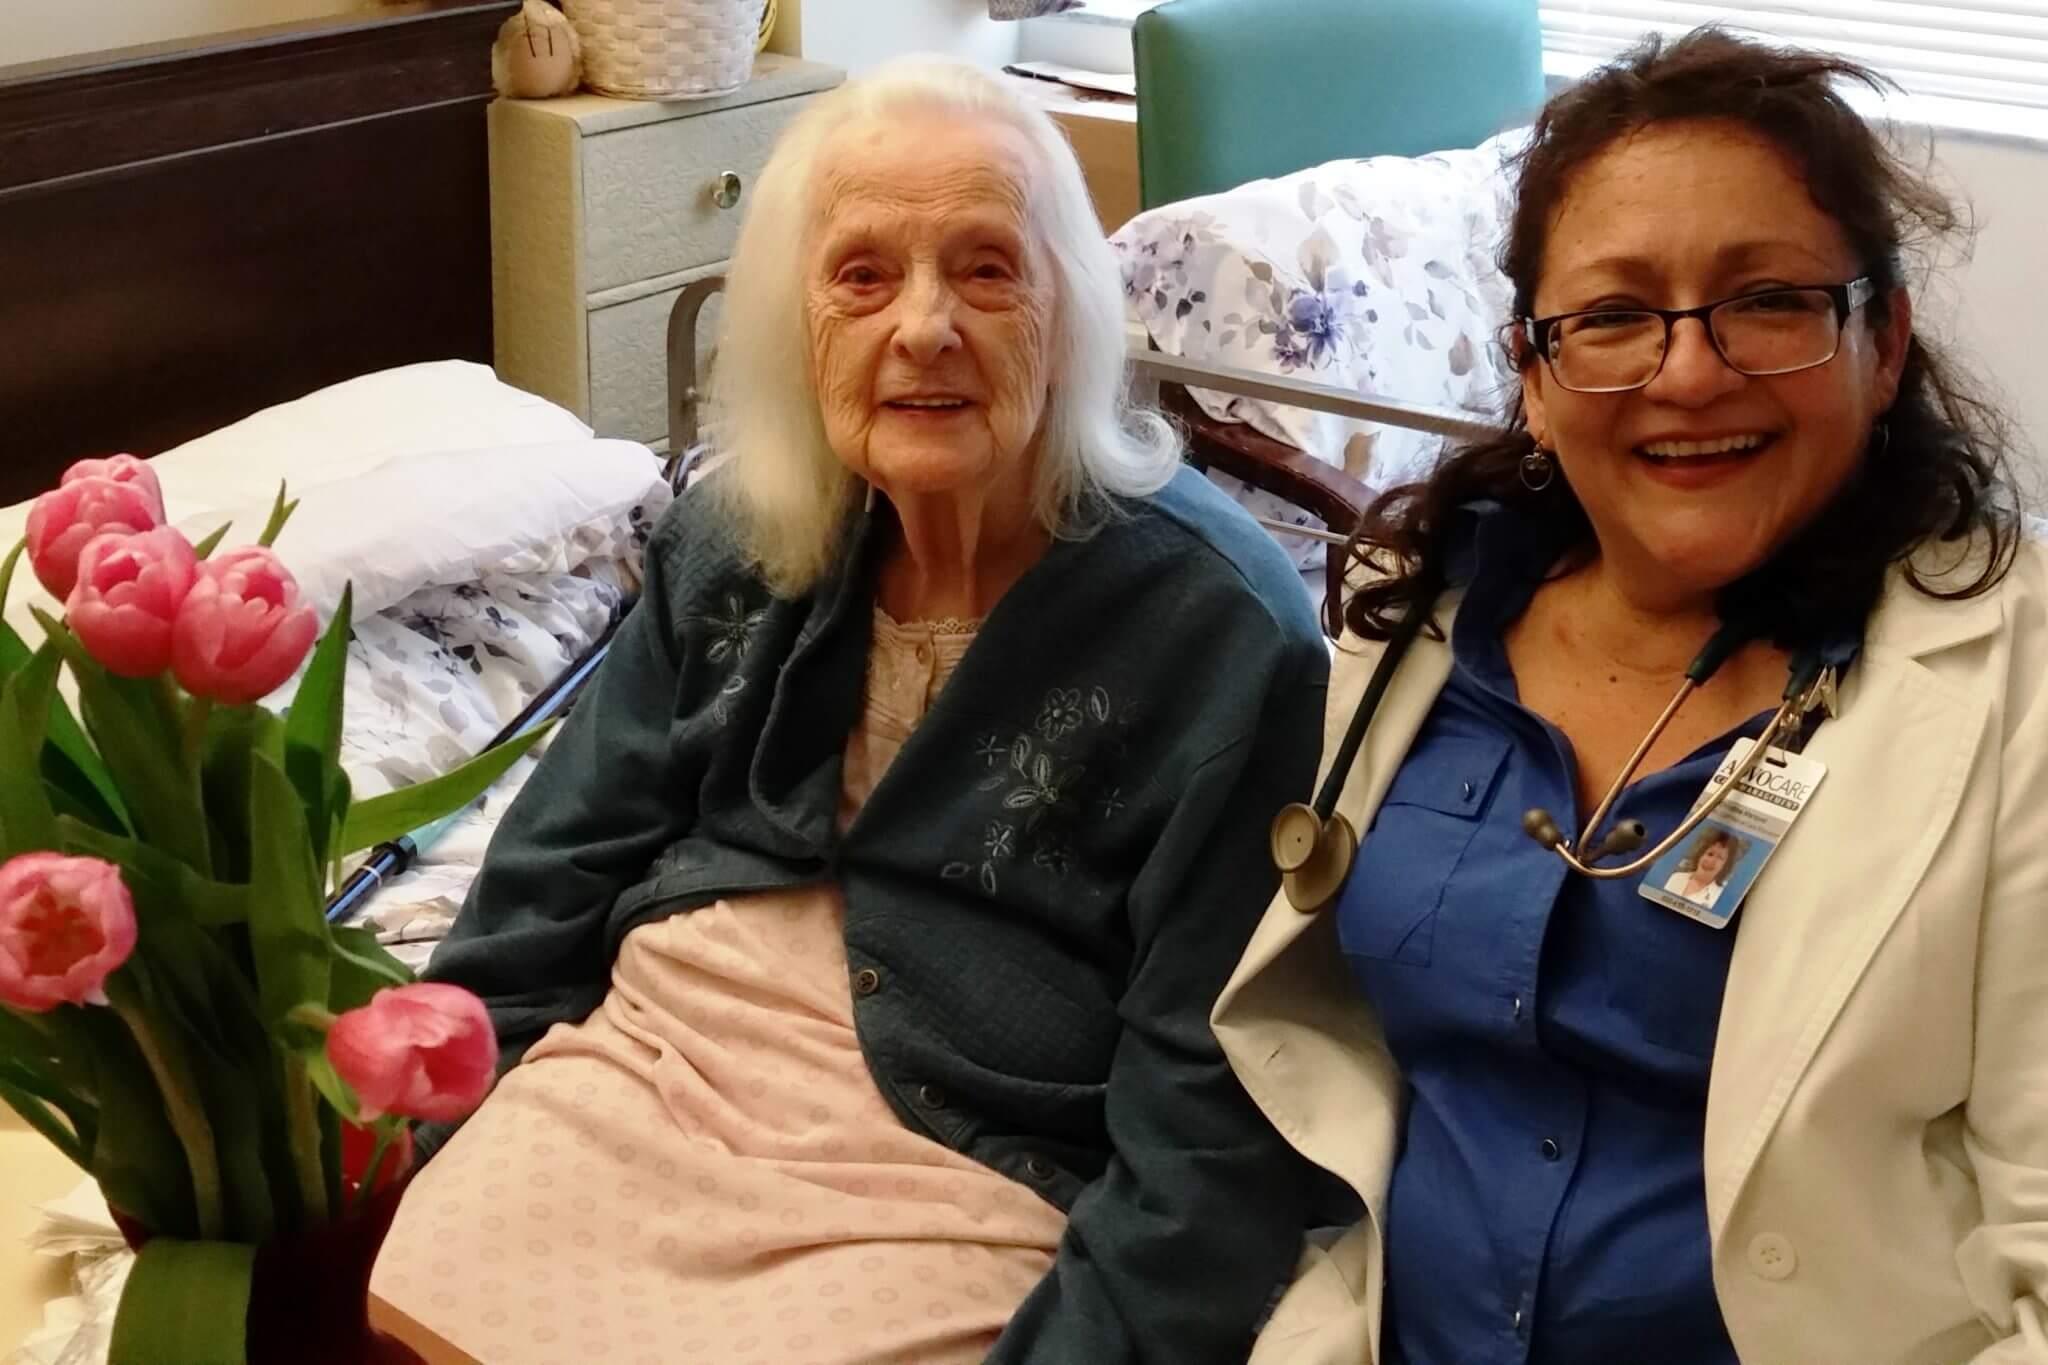 Elder Care South Florida | Senior Care South Florida | Elder